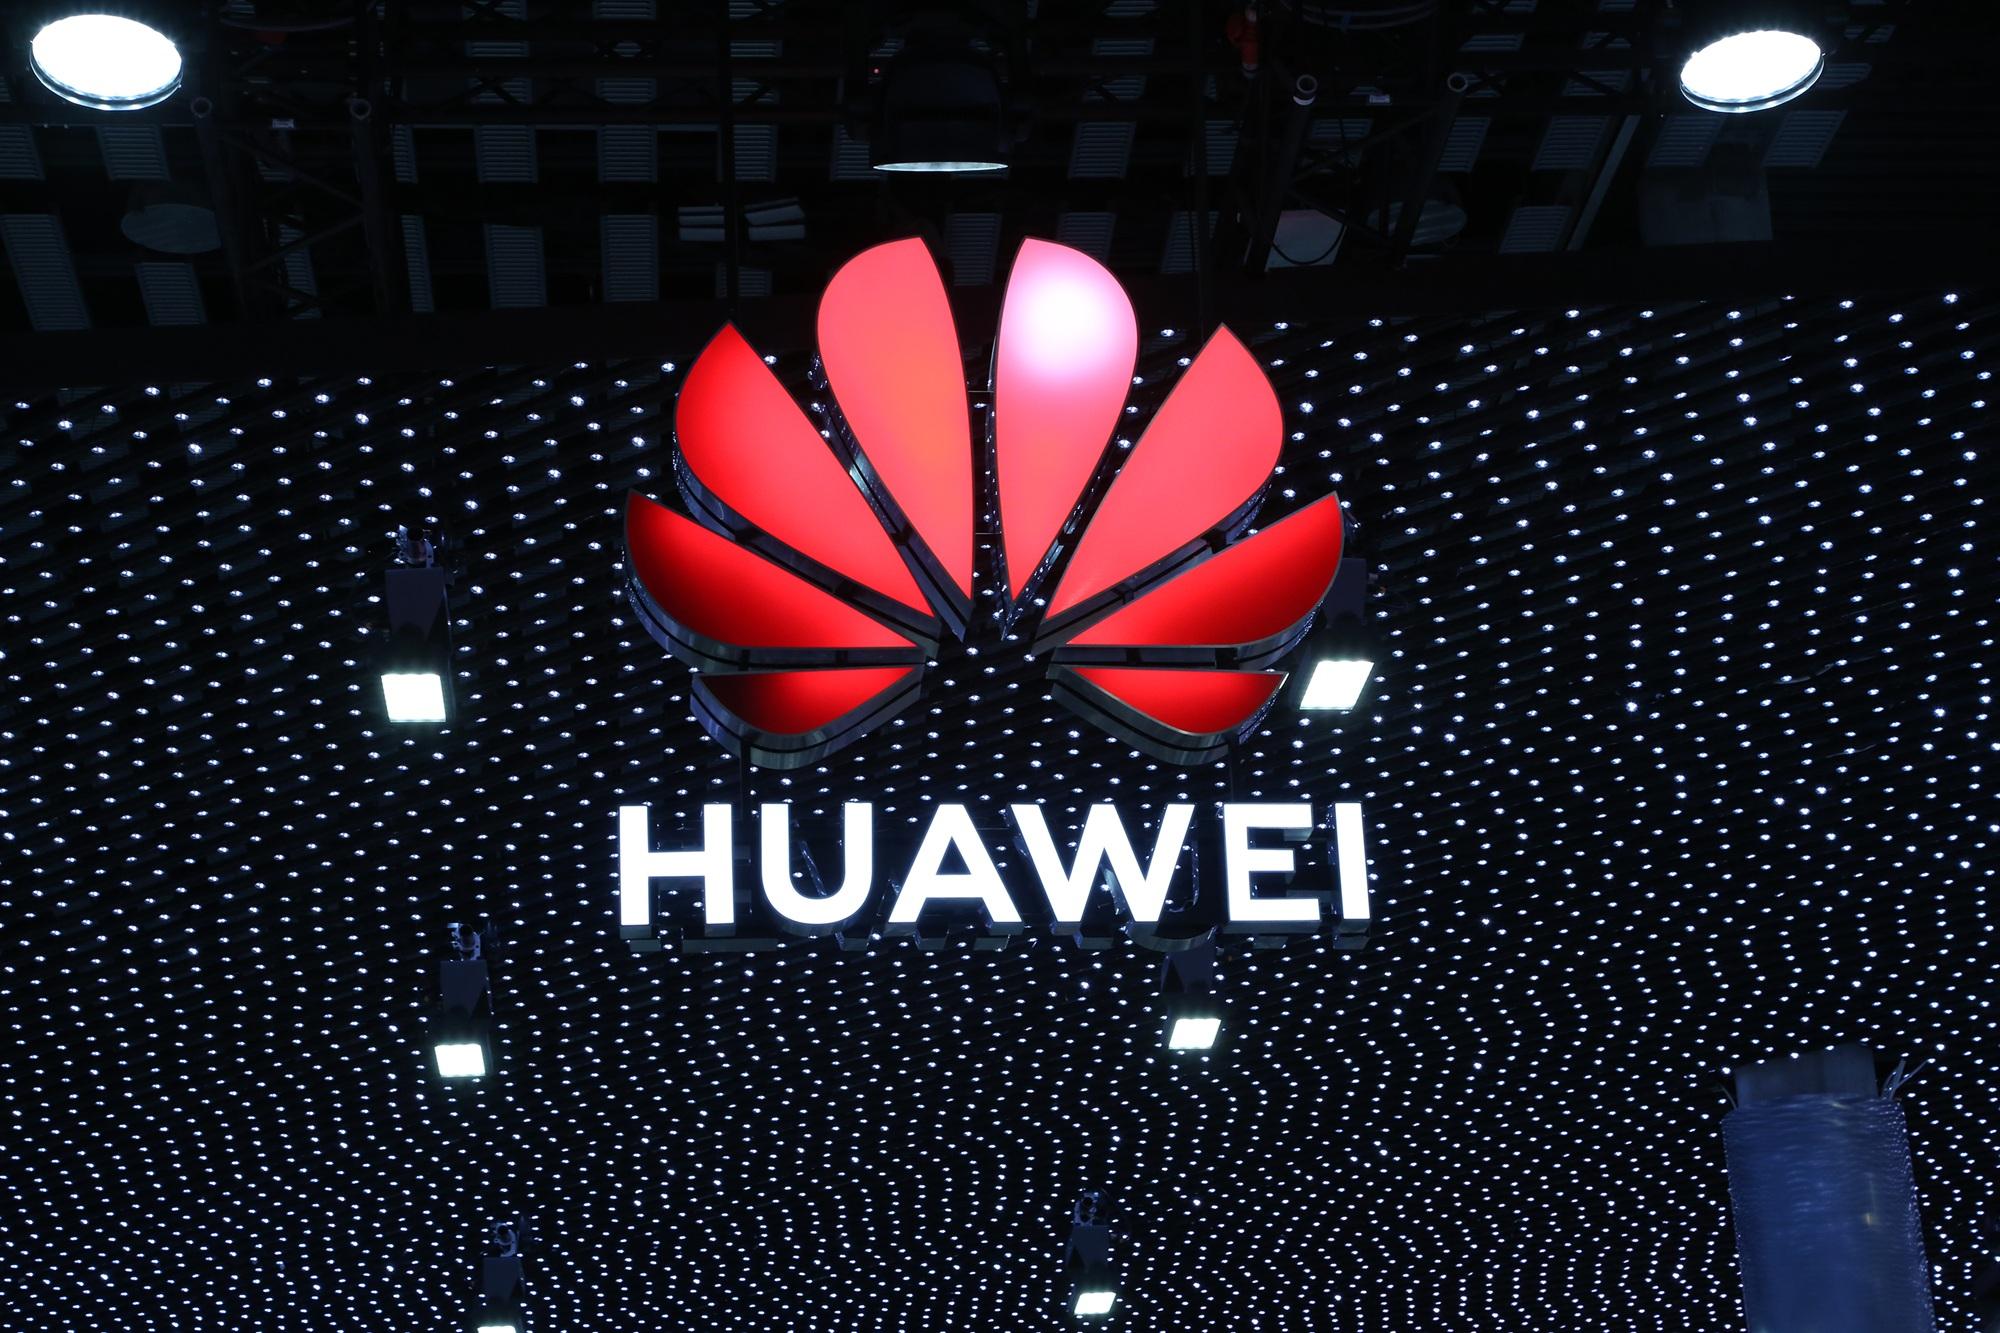 Kaj planira Huawei in kakšne posledice bodo doletele uporabnike?